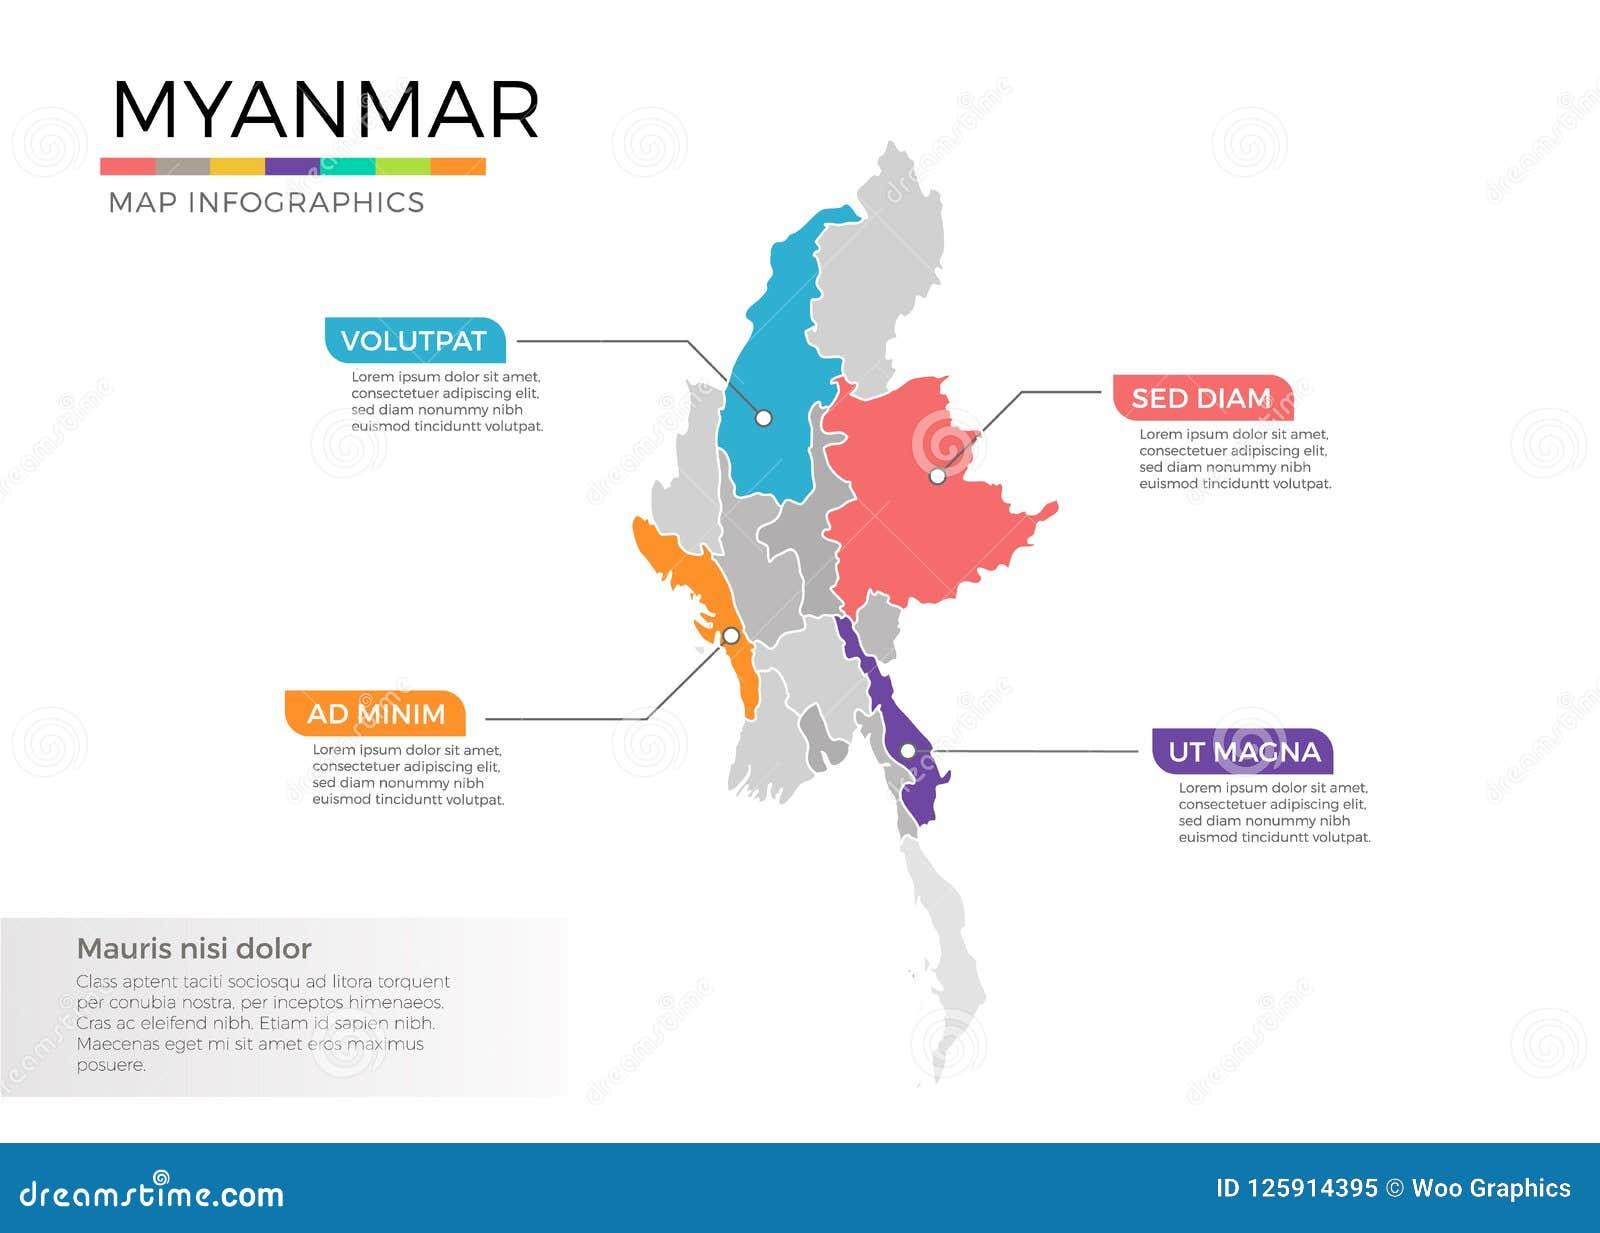 Birmanie Carte Regions.Calibre De Vecteur D Infographics De Carte De Myanmar Avec Des